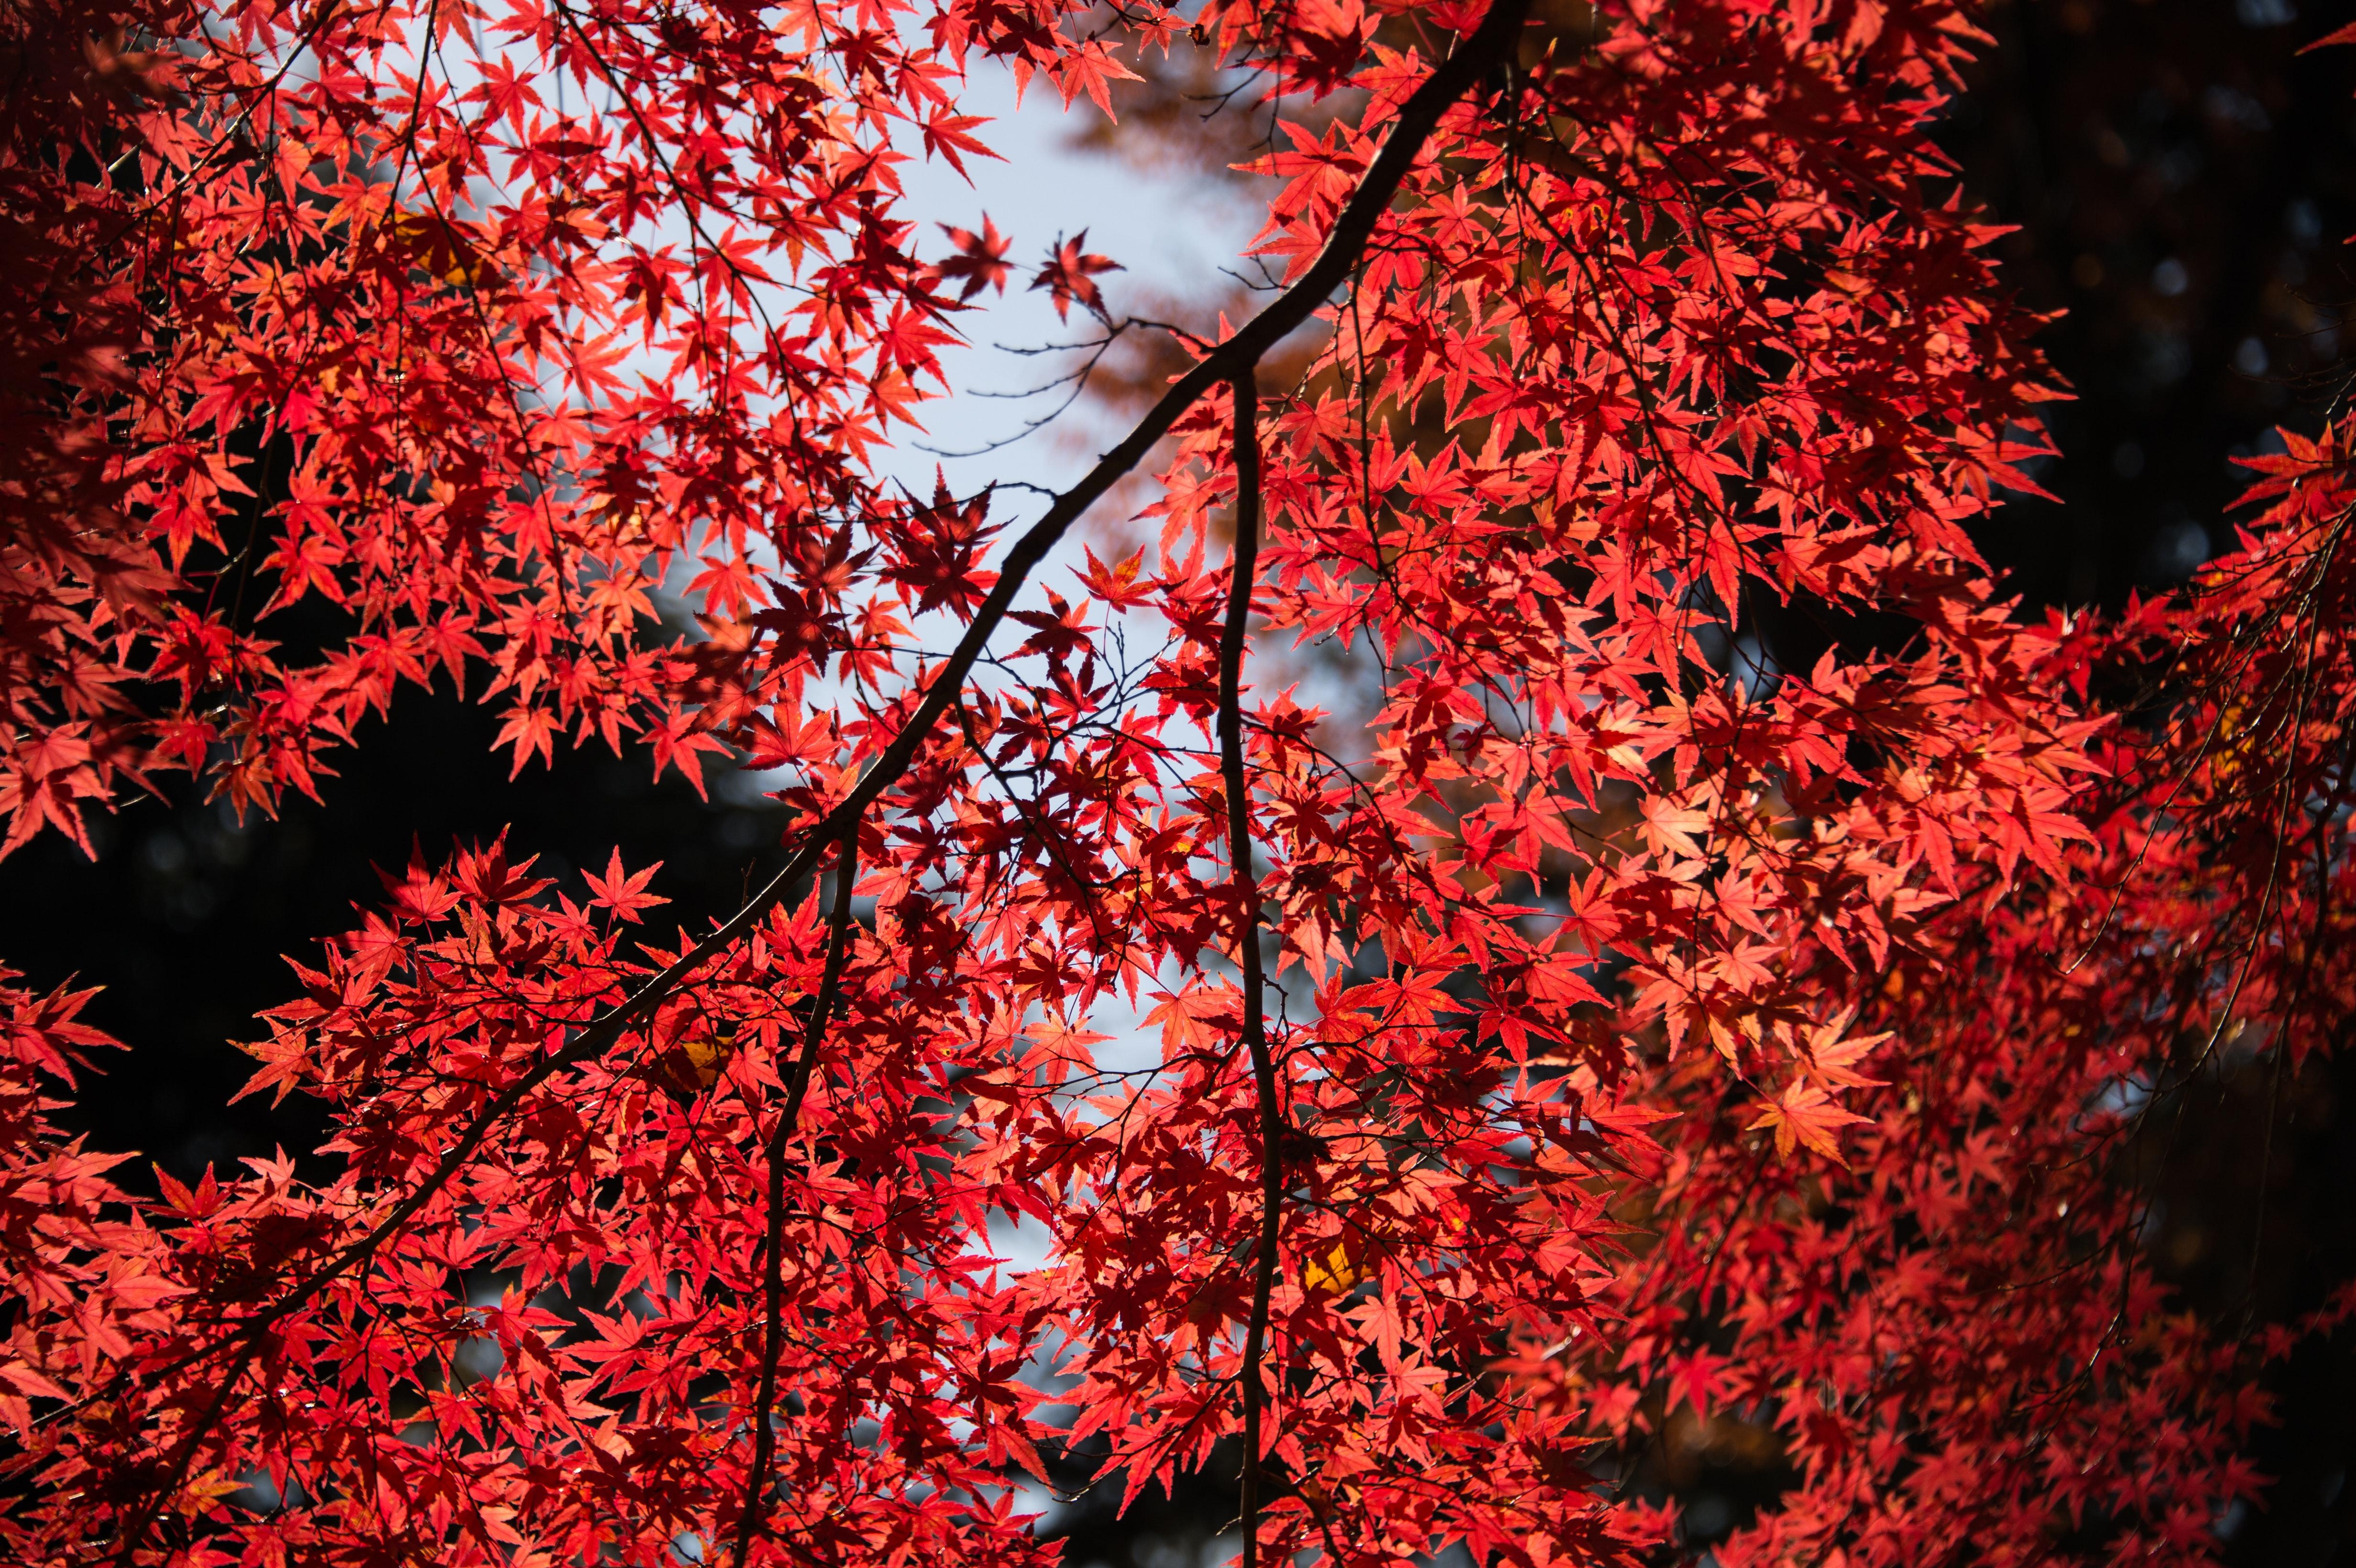 Red Maple Leaf Autumn Deciduous